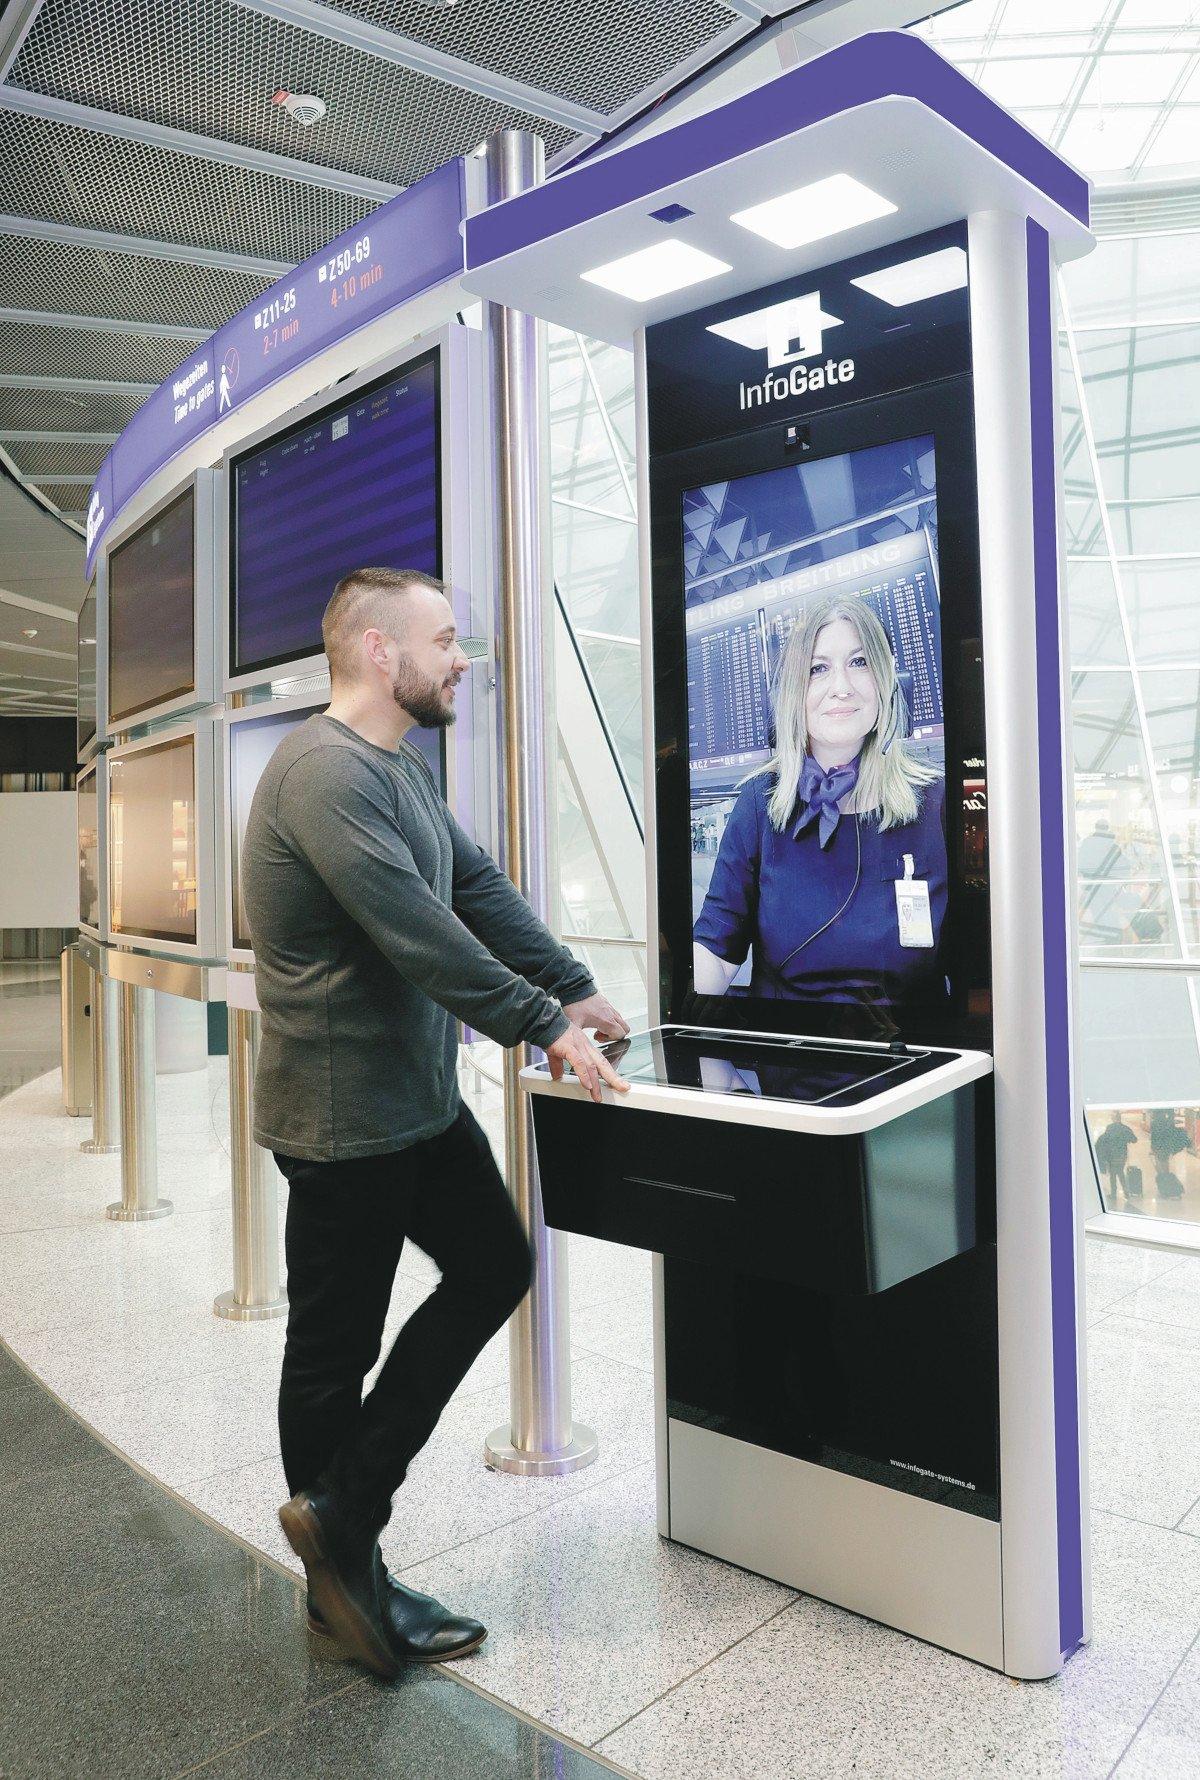 Nun auch am Flughafen Frankfurt - videobasierte Infogate-Terminals (Foto: Fraport)